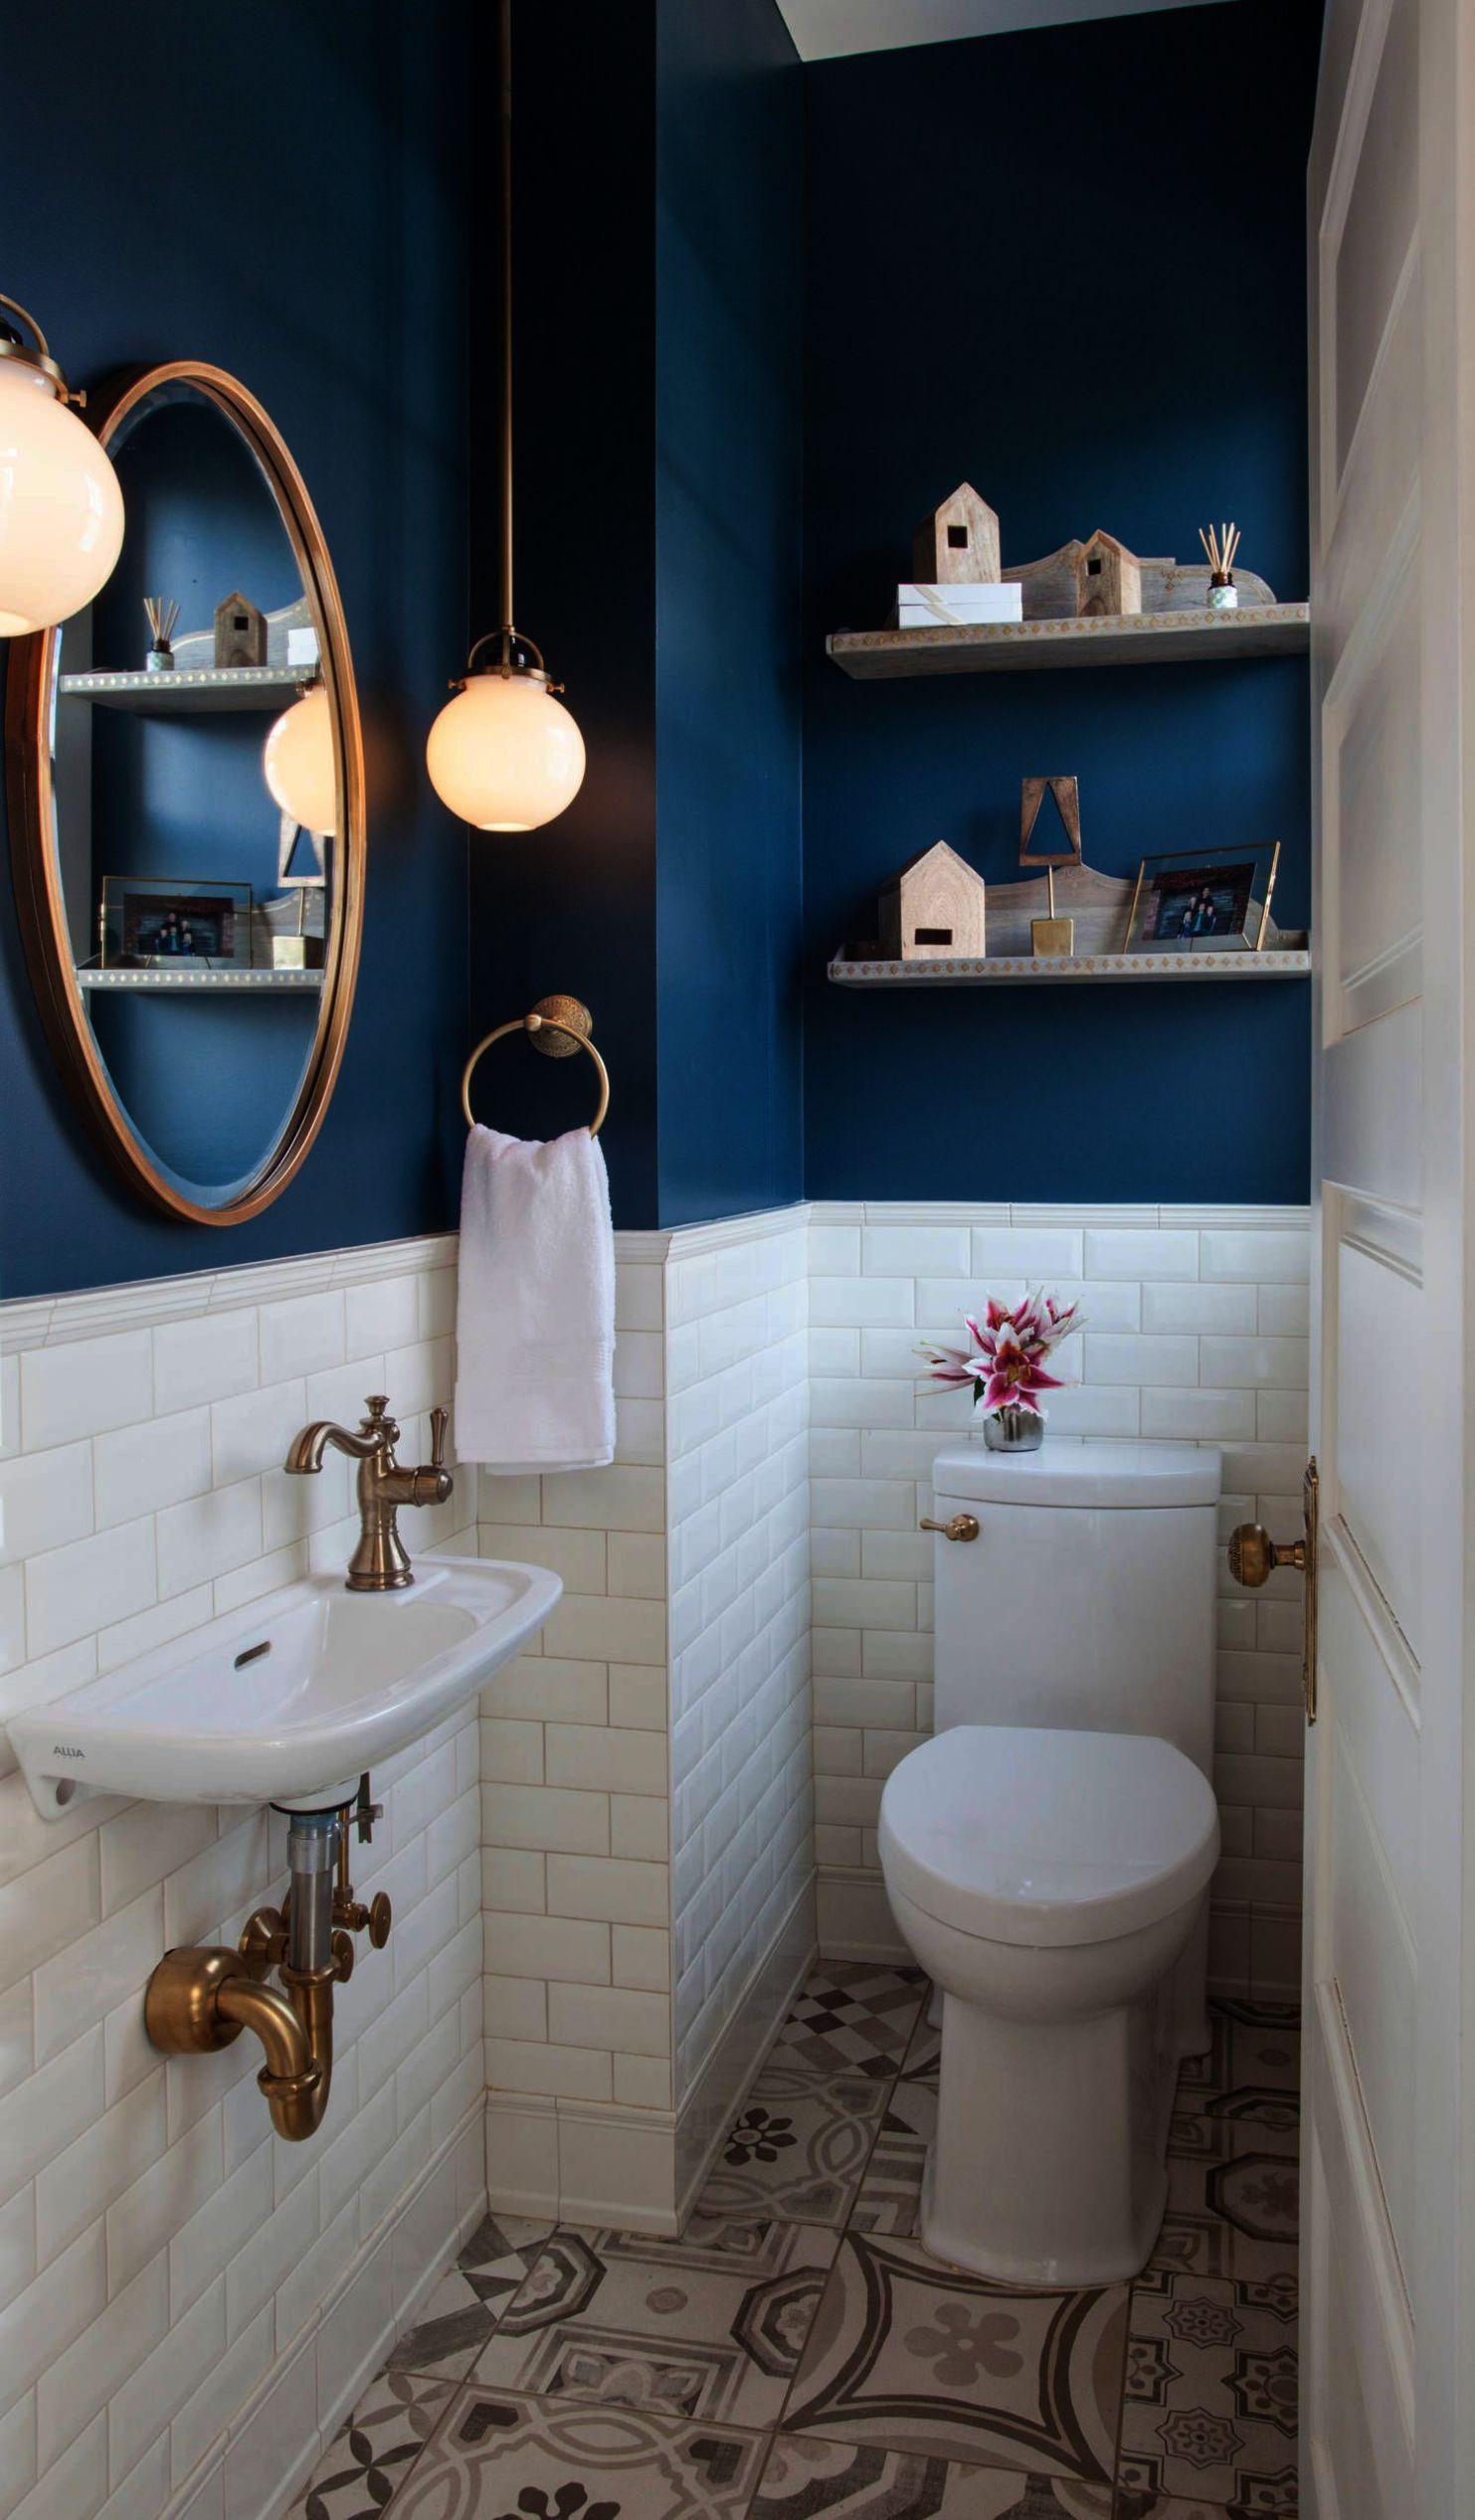 Bathroom Design Ideas Pinterest Few Bathroom Design Ideas Small Bathrooms Pictures Beside Contemporary Small Bathroom Design I In 2020 Bathroom Design Small Bathroom Interior Design Bathroom Interior